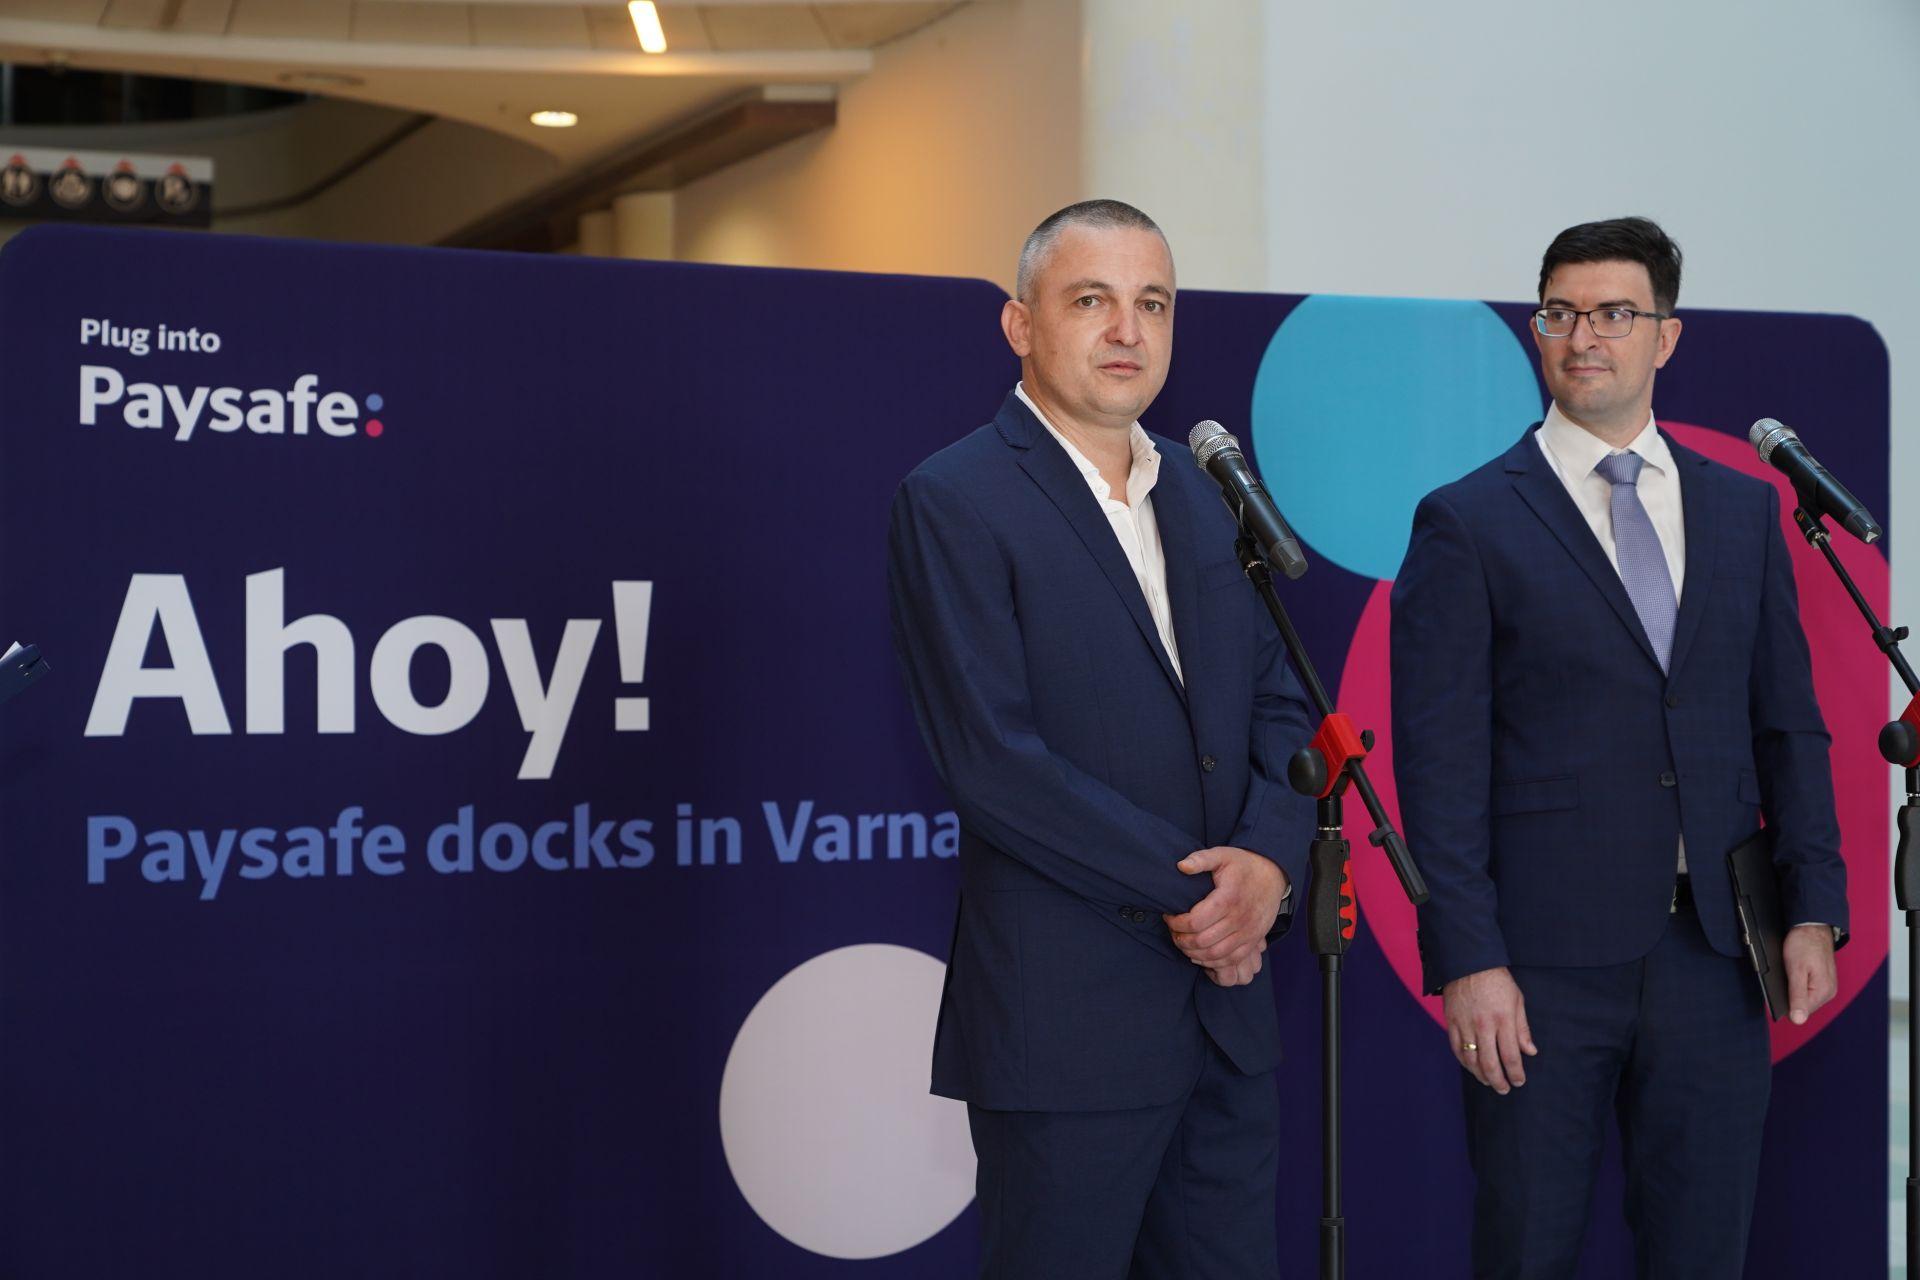 Иван Портних, кмет на град Варна, Фжакомо Остин, директор на офиса на Paysafe във Варна